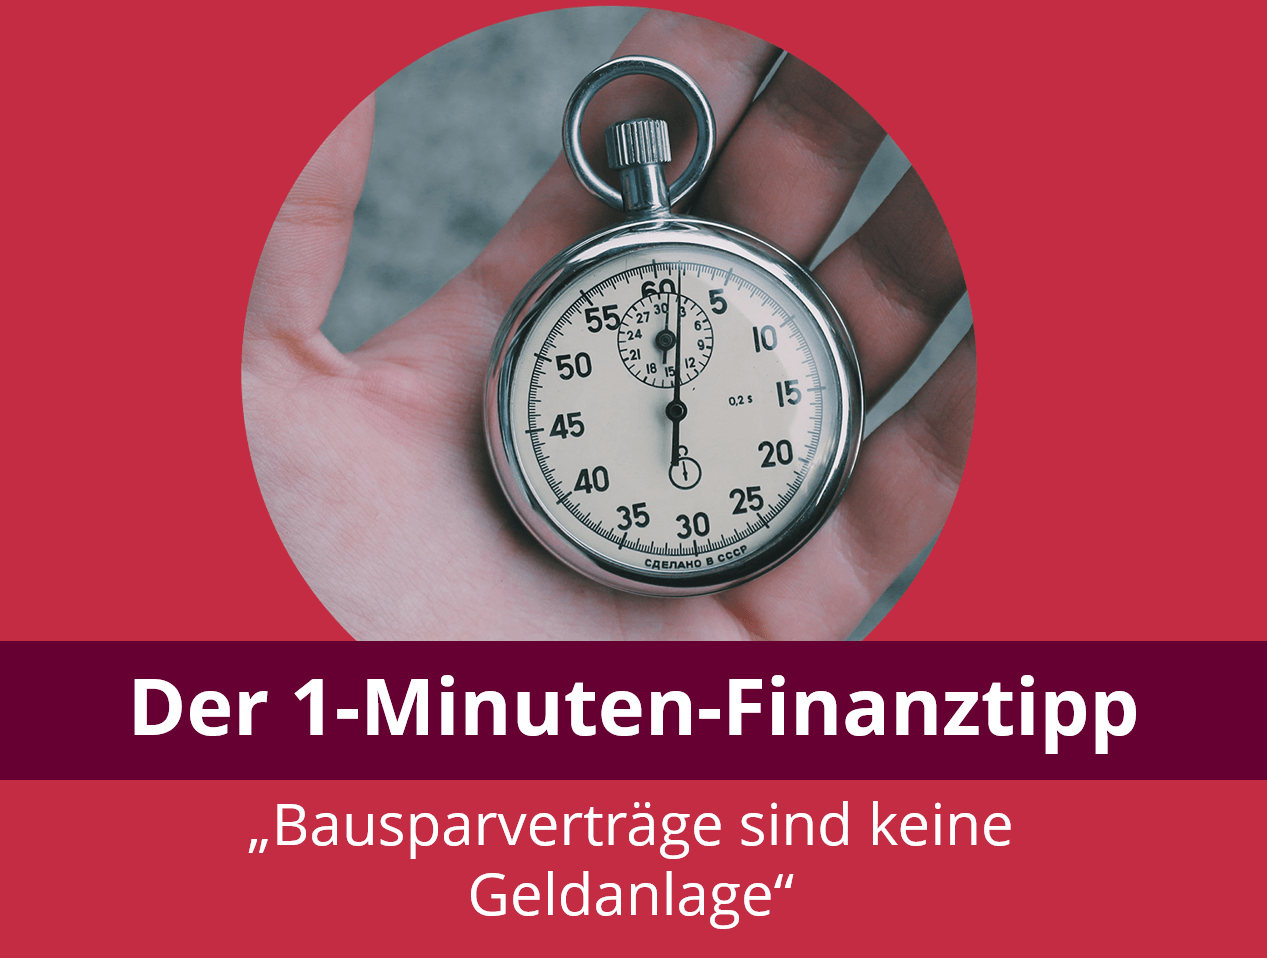 1-Minuten-Finanztipp: Ein Bausparvertrag ist keine Geldanlage.